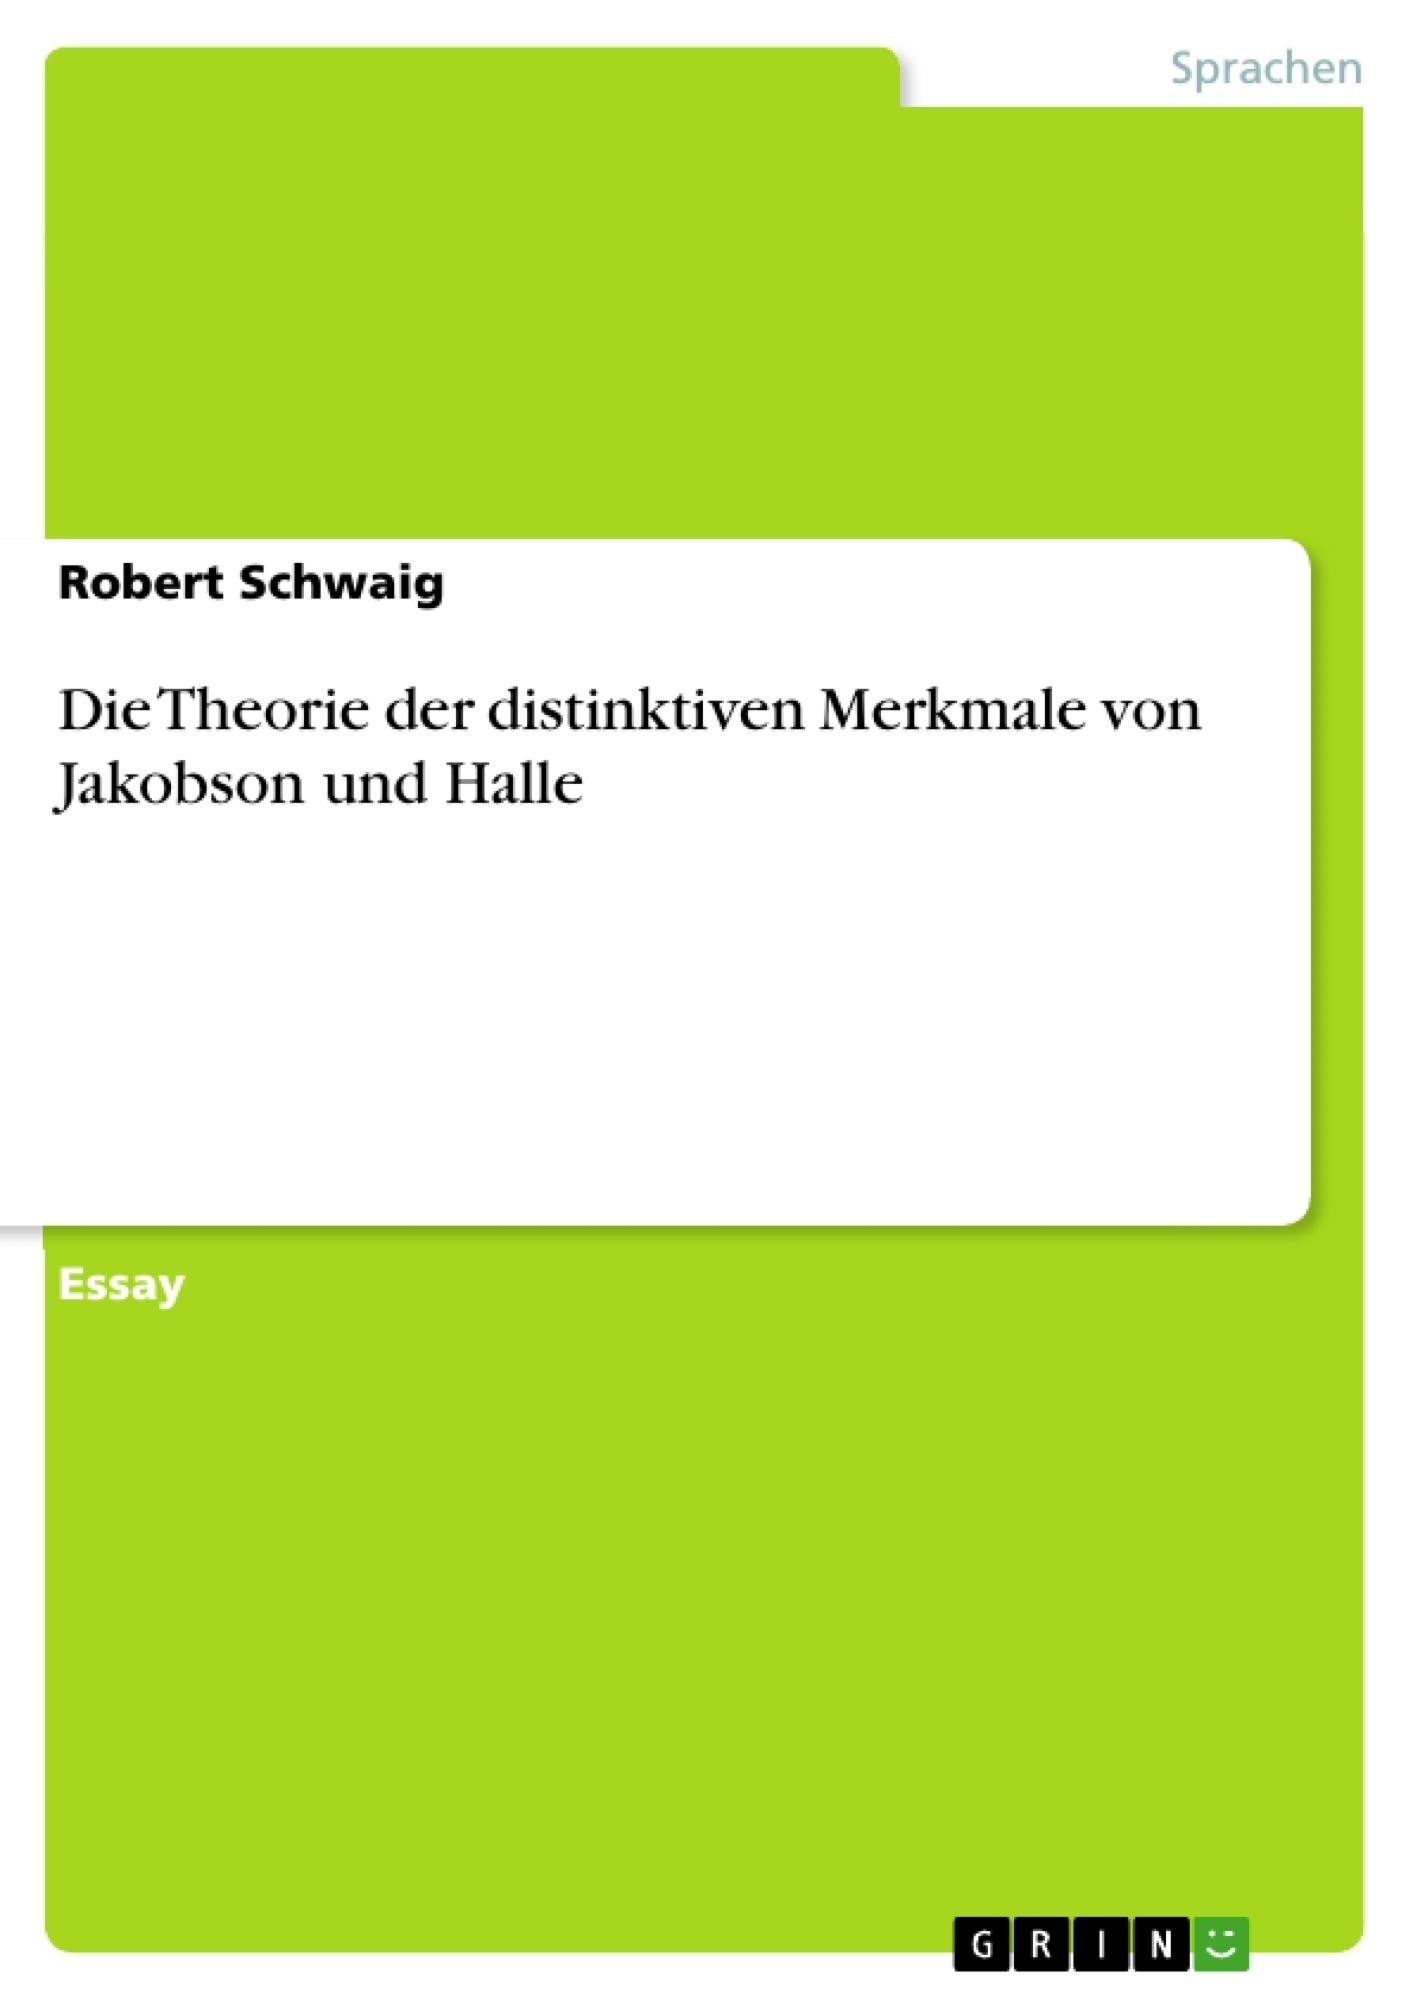 Titel: Die Theorie der distinktiven Merkmale von Jakobson und Halle